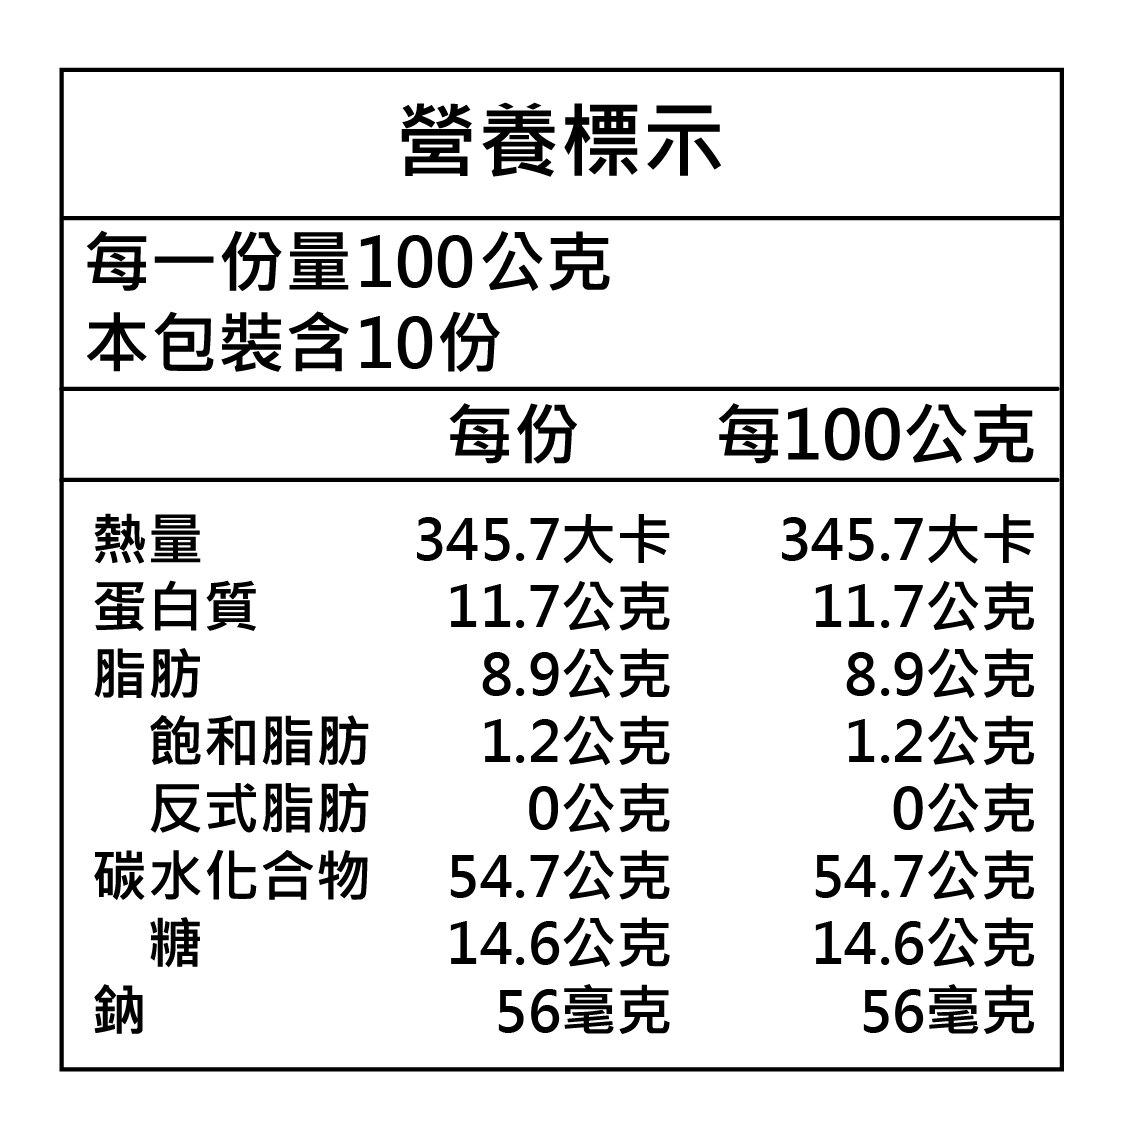 Mega Harvest 德國-什錦穀片 1000g